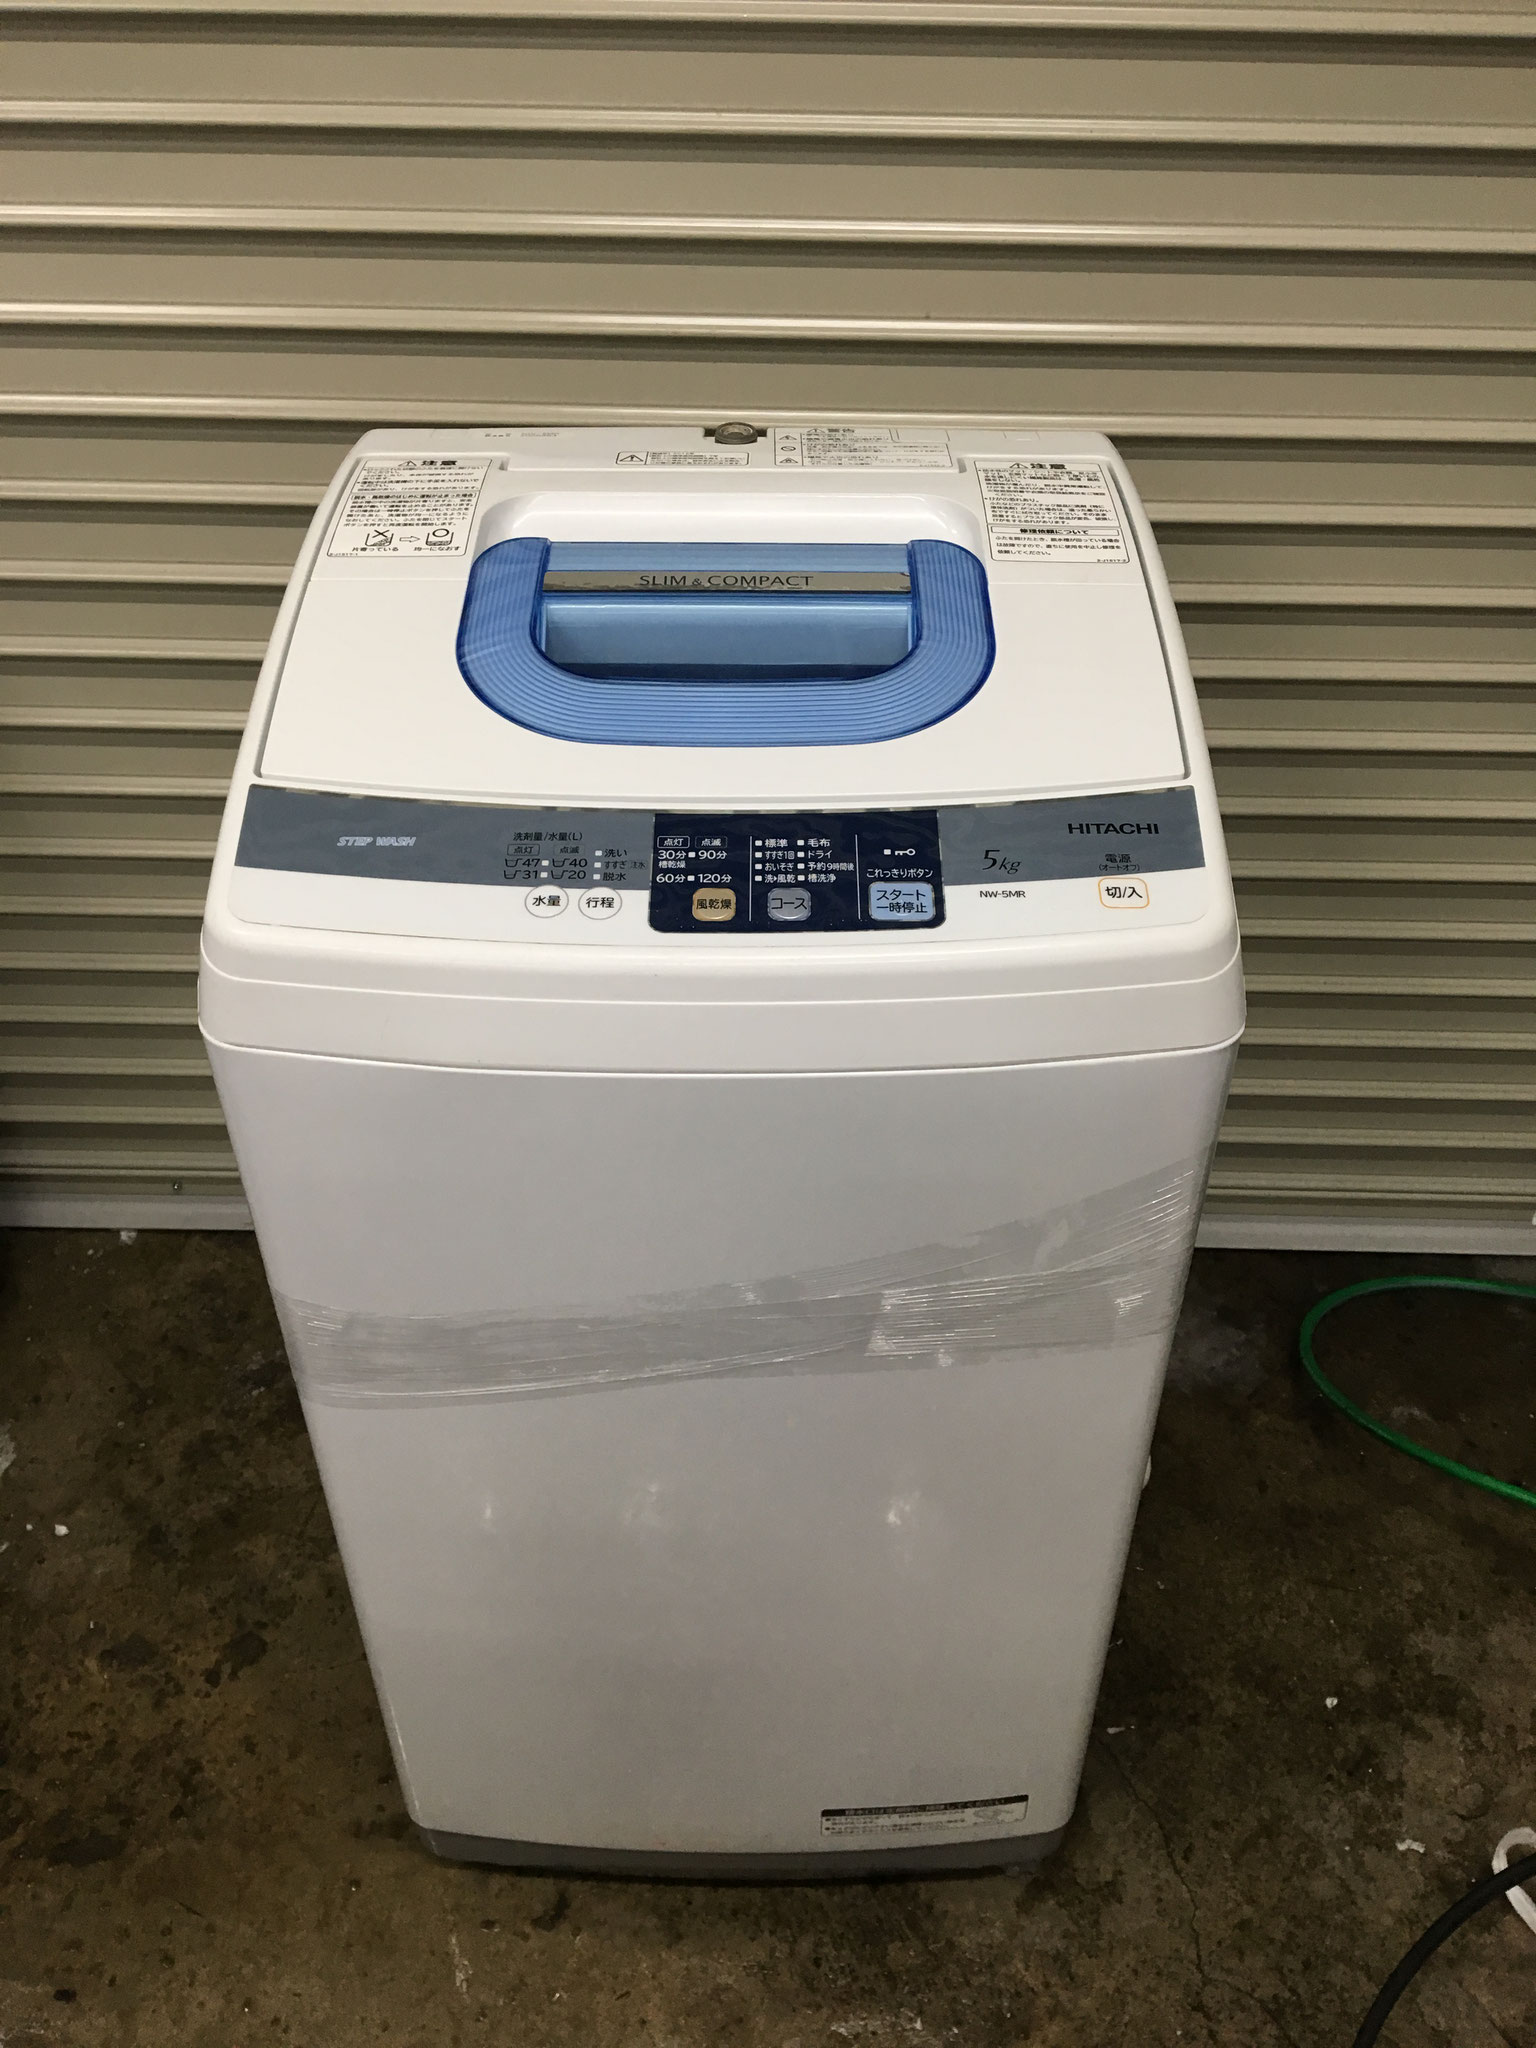 2012年製5.0㎏札幌洗濯機持込買取500円